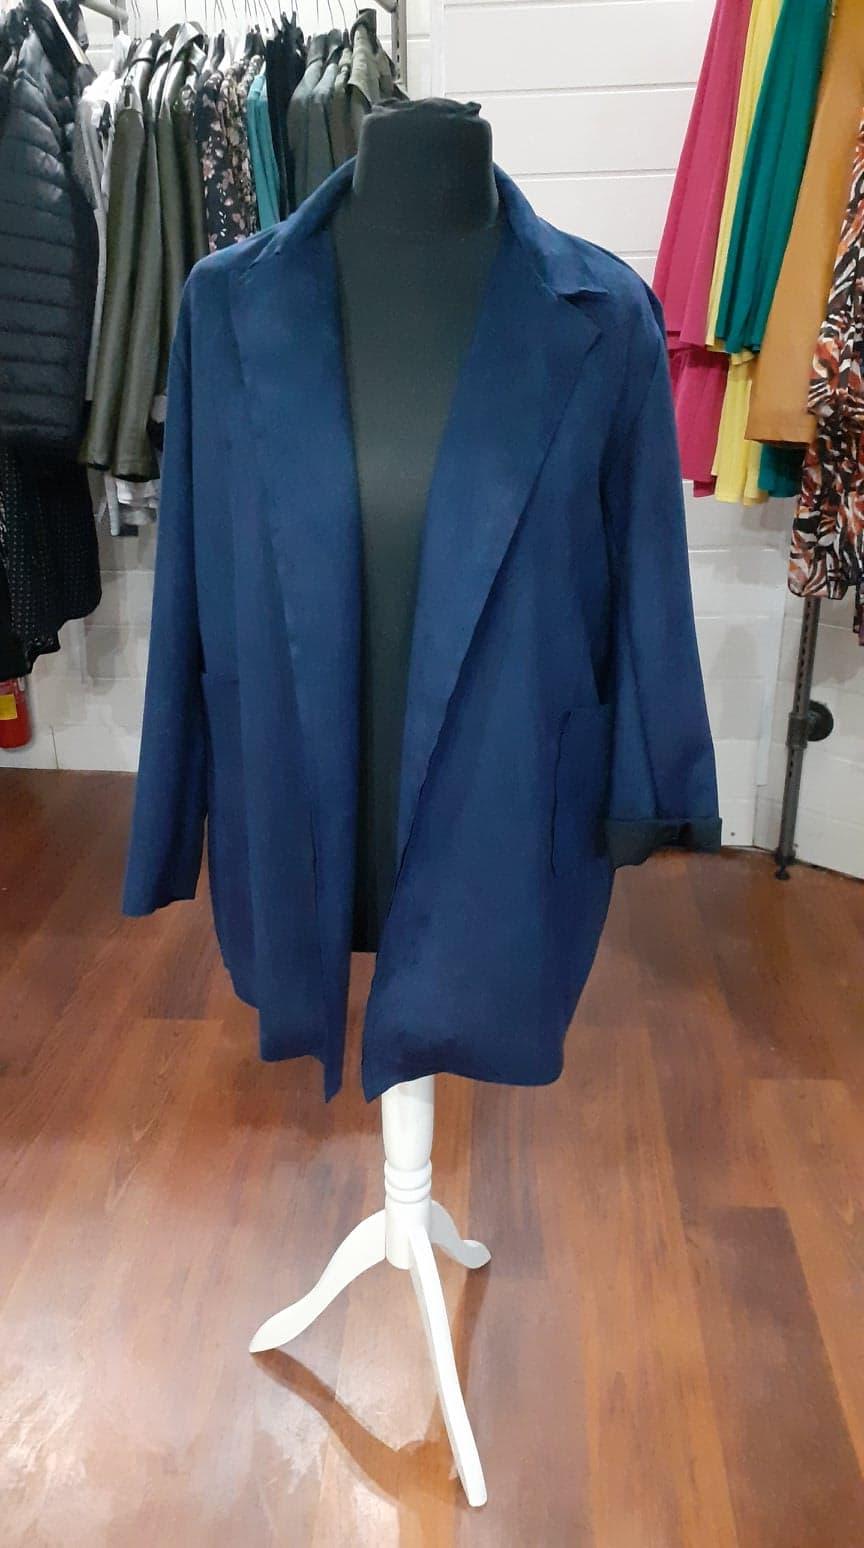 veste bleu peau de peche - ves-ble-pea-pec